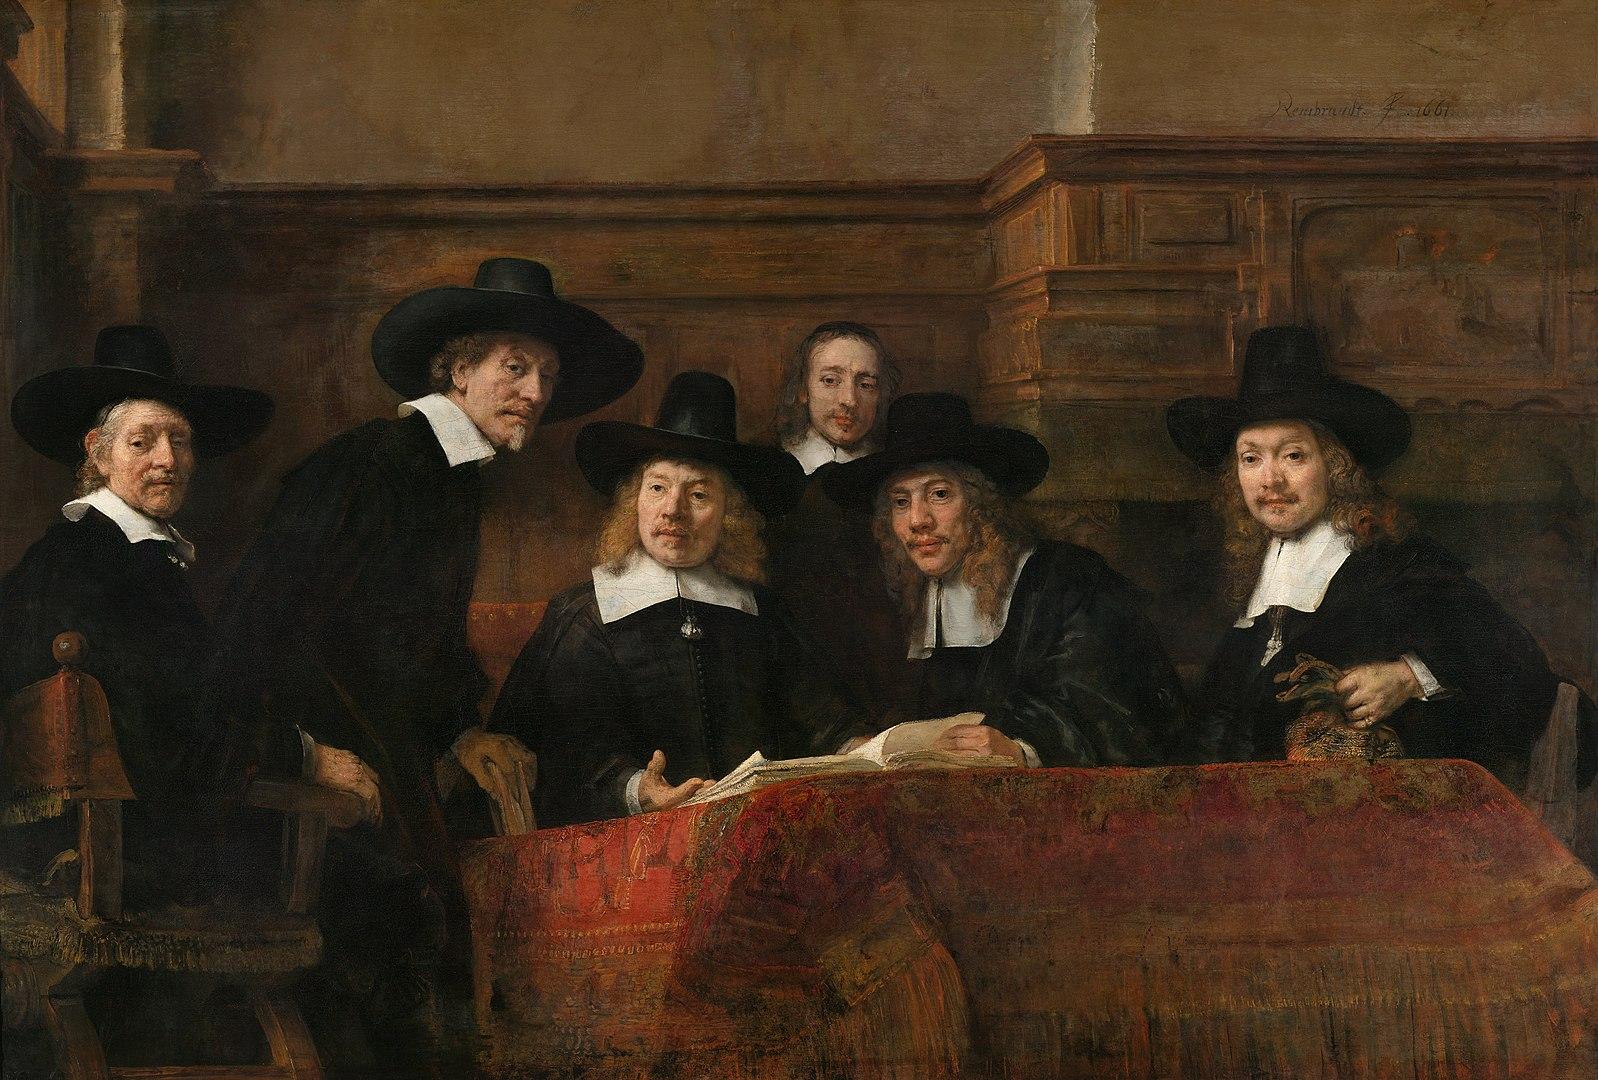 1598px-Rembrandt_-_De_Staalmeesters-het_college_van_staalmeesters(waardijns)van_het_Amsterdamse_lakenbereidersgilde-_Google_Art_Project (1).jpg